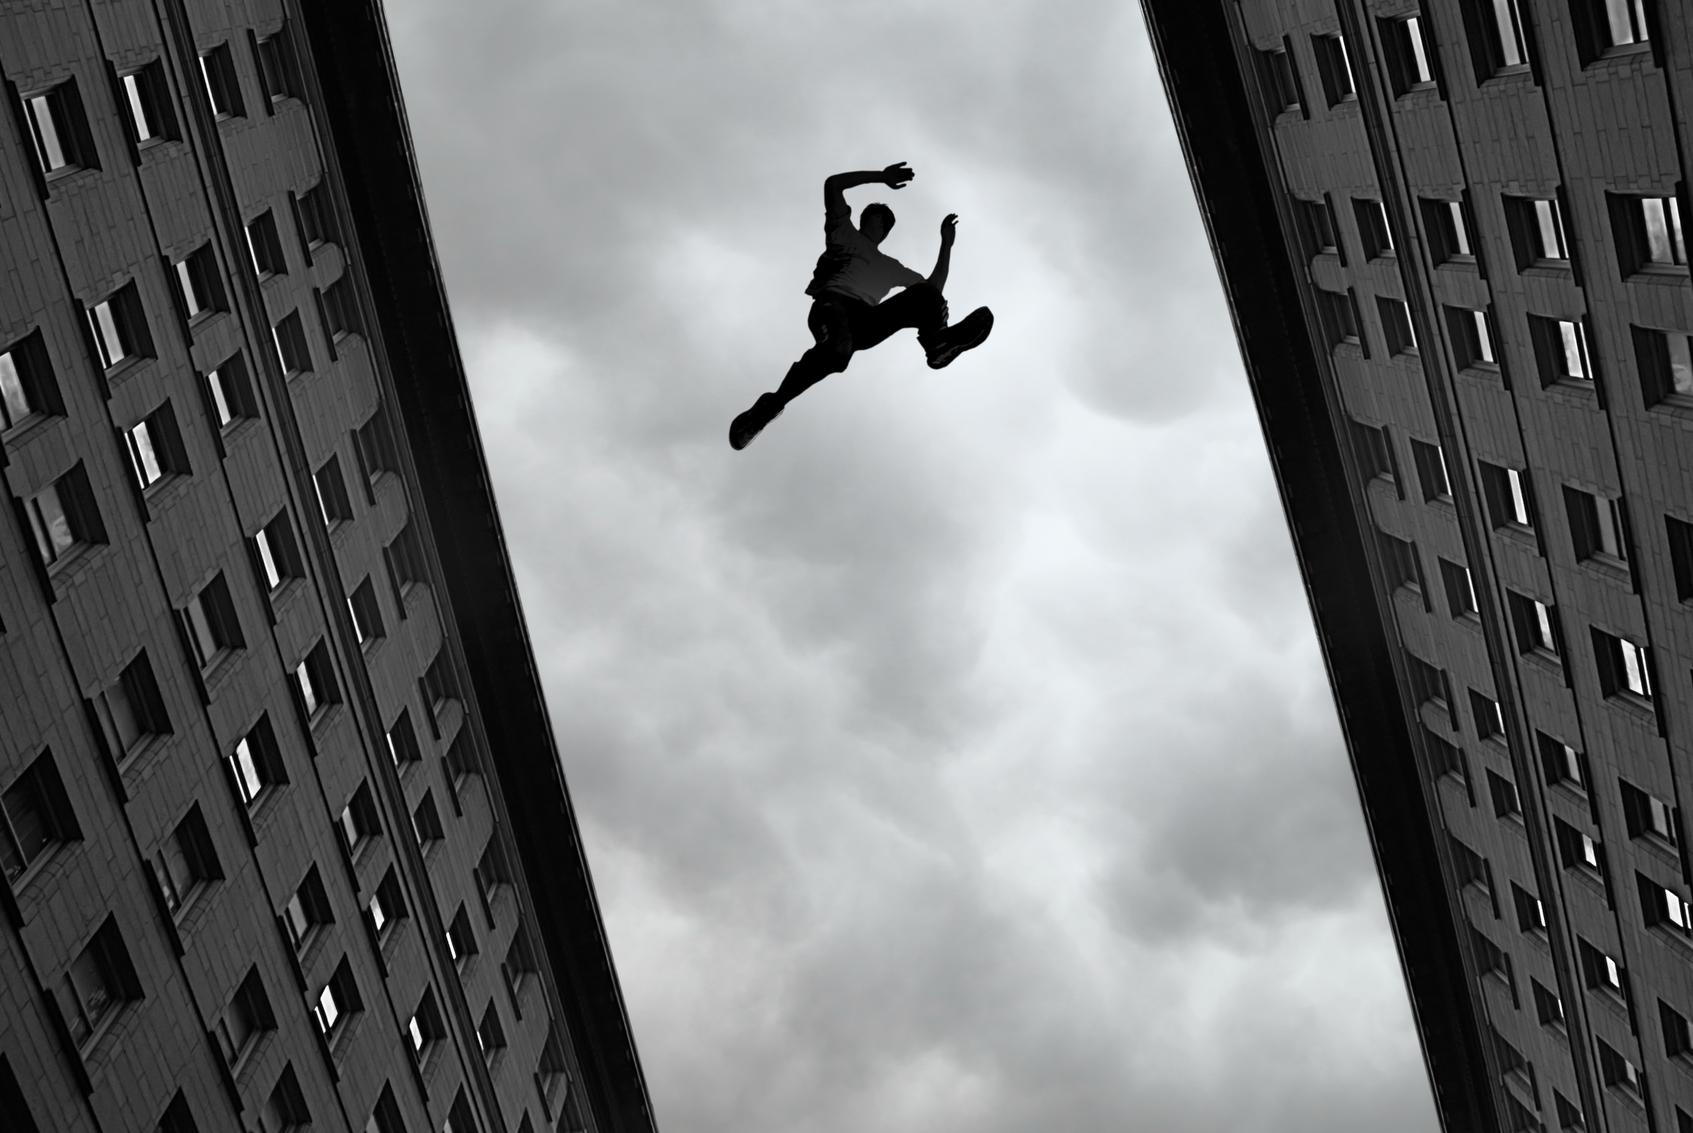 картинки человек прыгает с крыши